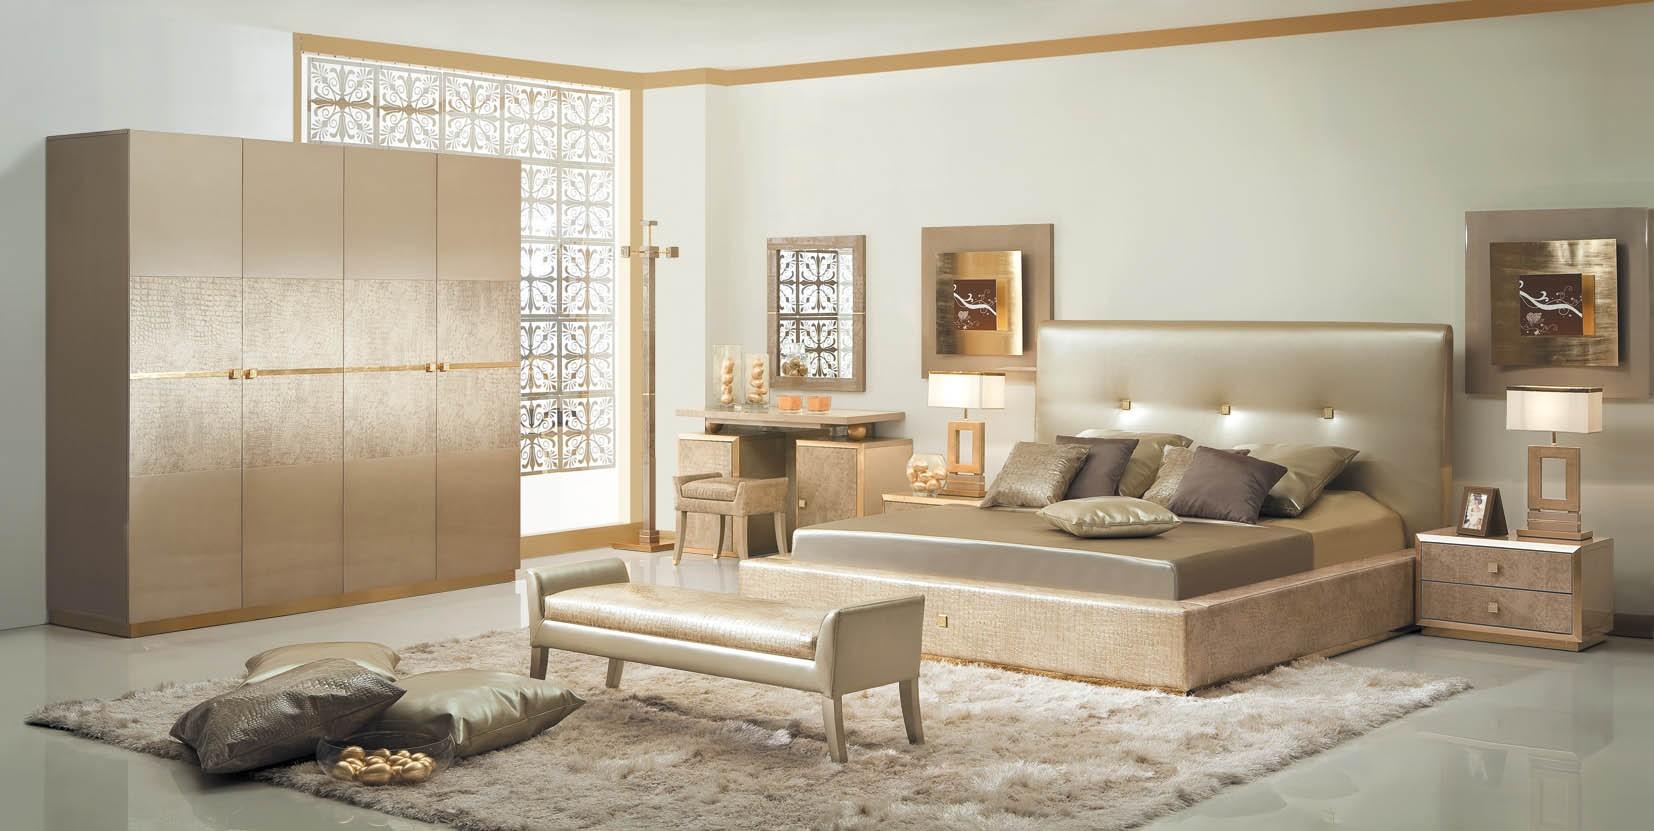 اللون الذهبي الانيق بغرفة نوم مفروشات العمر | المرسال